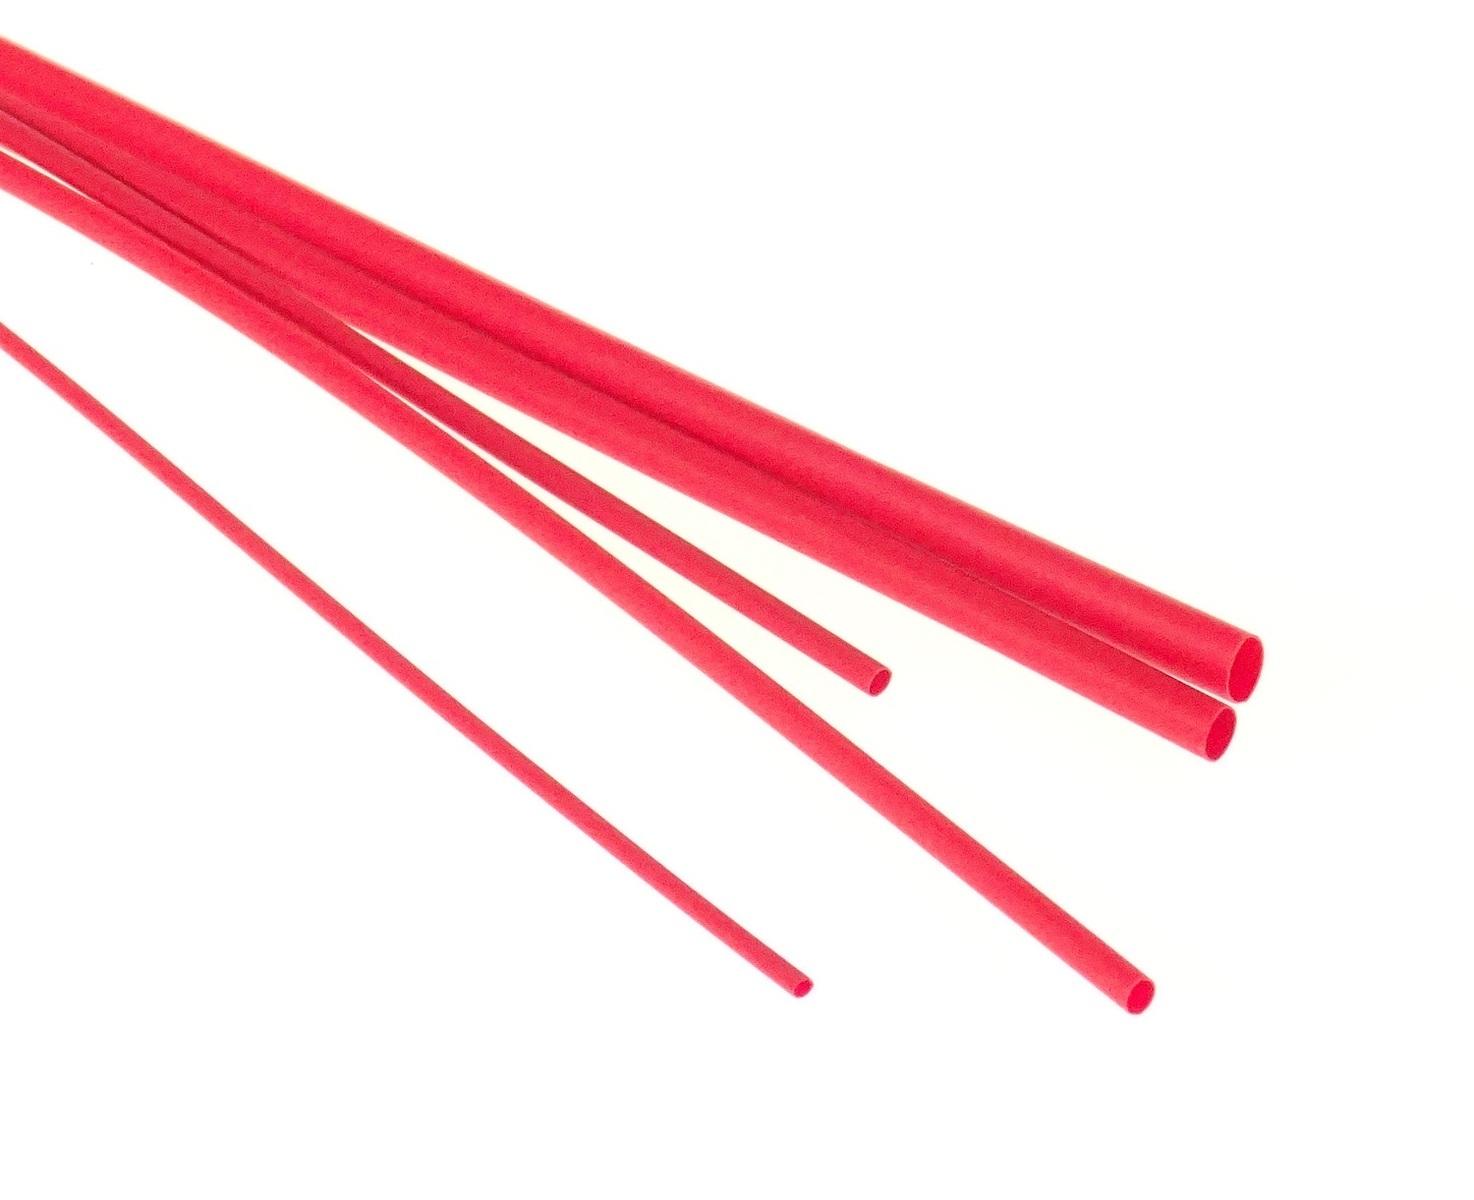 Bužírka - hadička smršťovací 1,6/0,8 mm, délka 1 m, polyetylen - červená